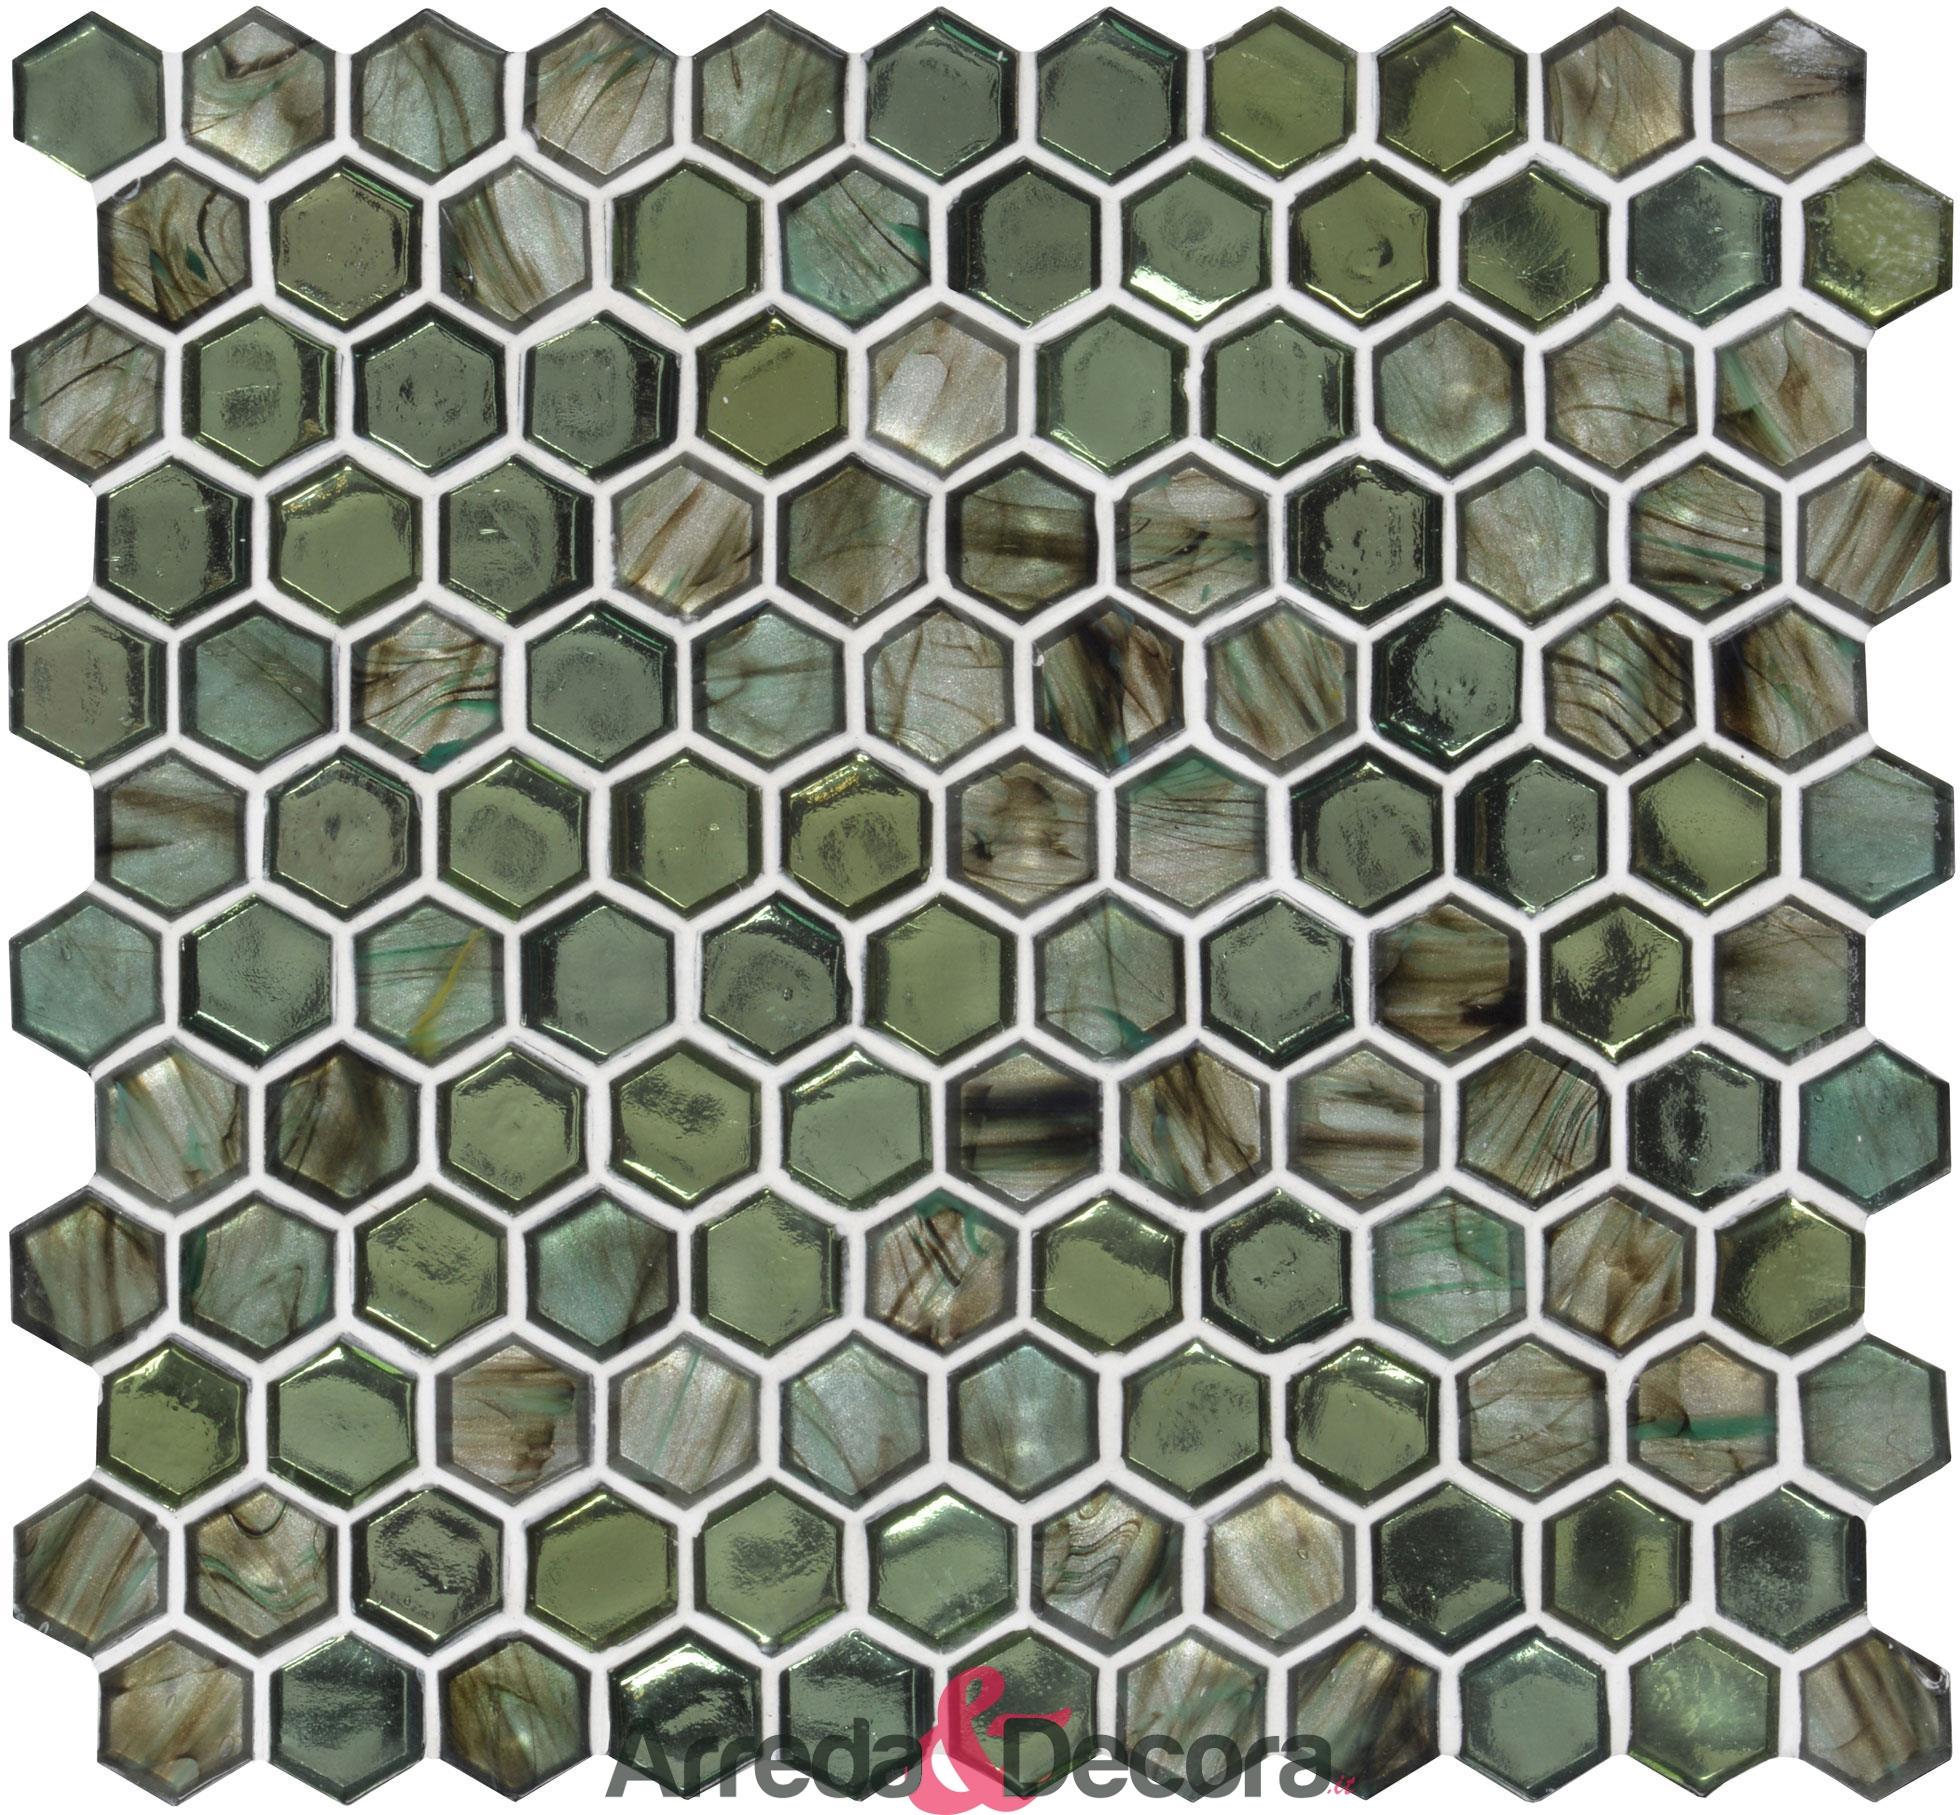 mosaico-vetro-verde-grigio